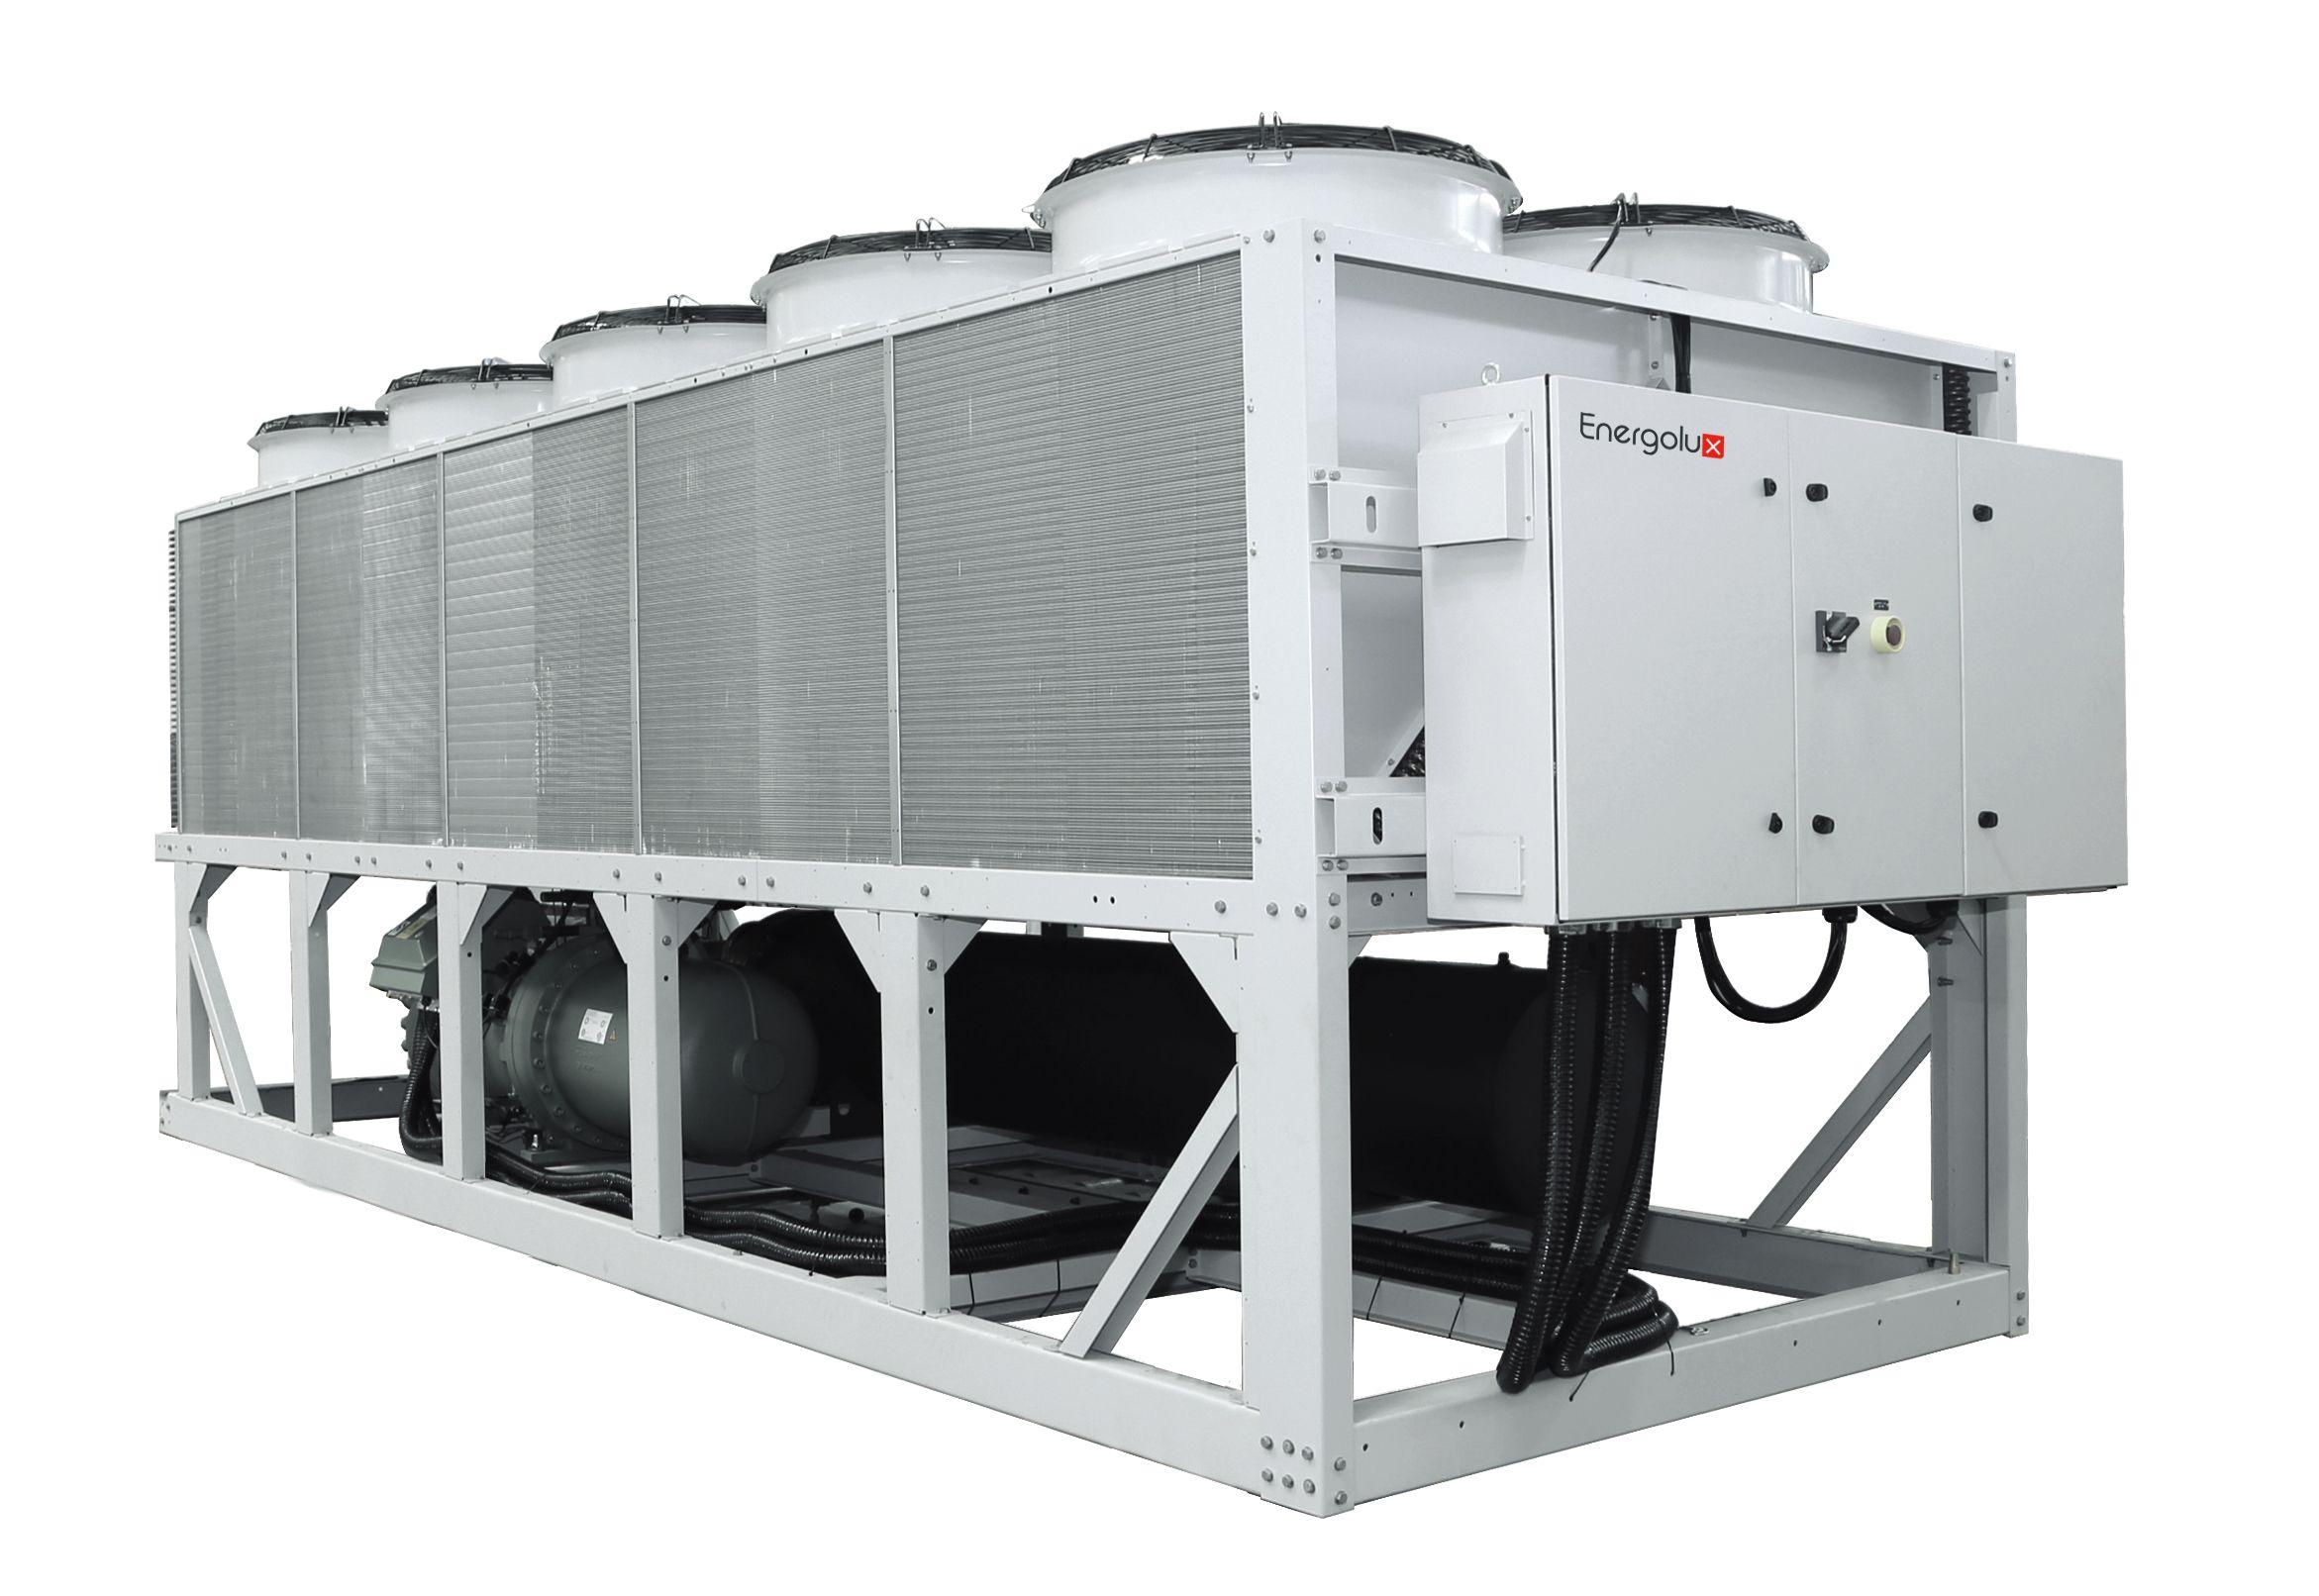 Energolux SCAW-T 2740 V